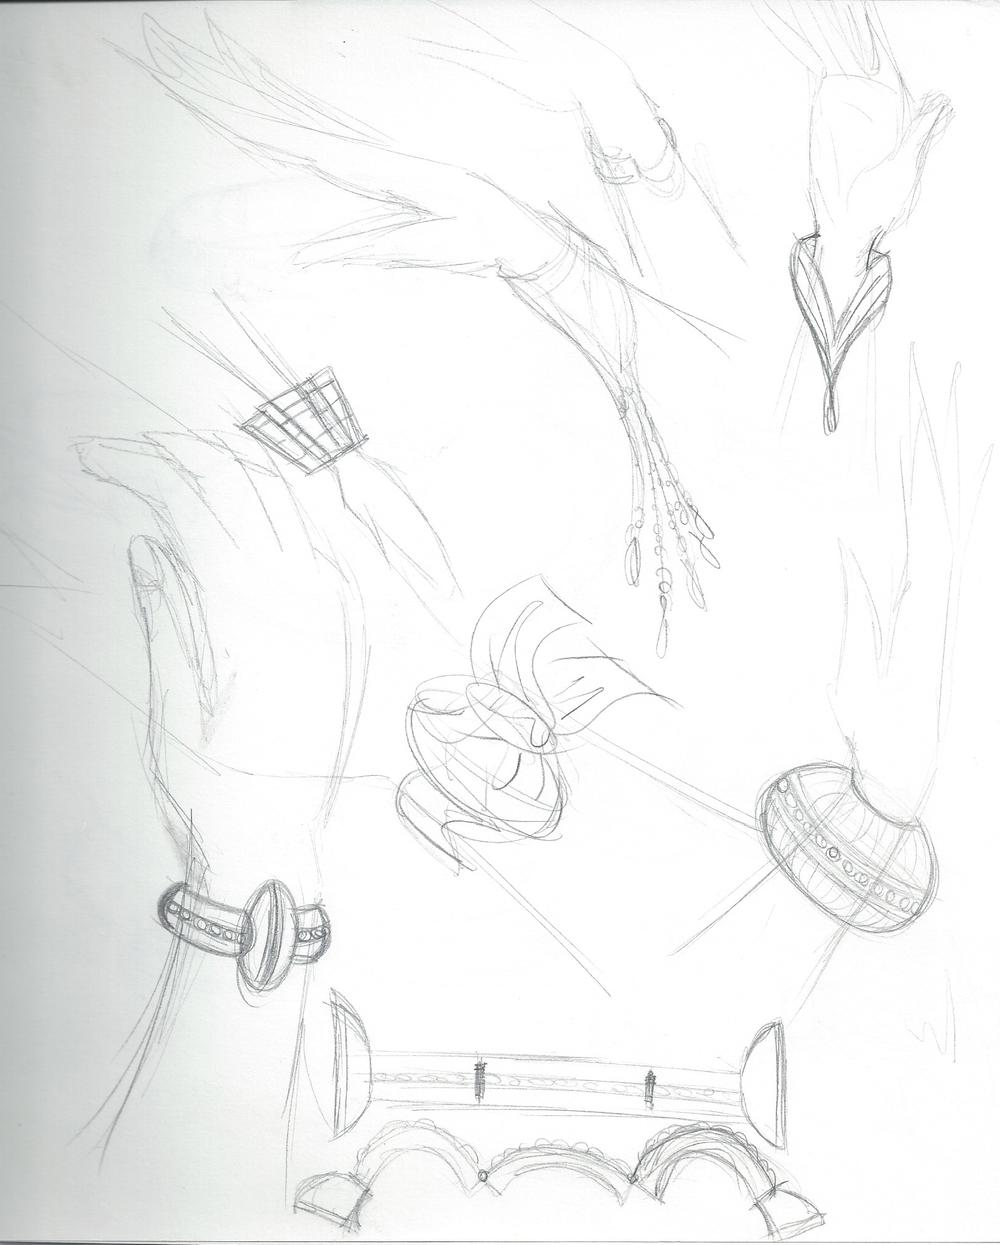 renderings-b-8.jpg